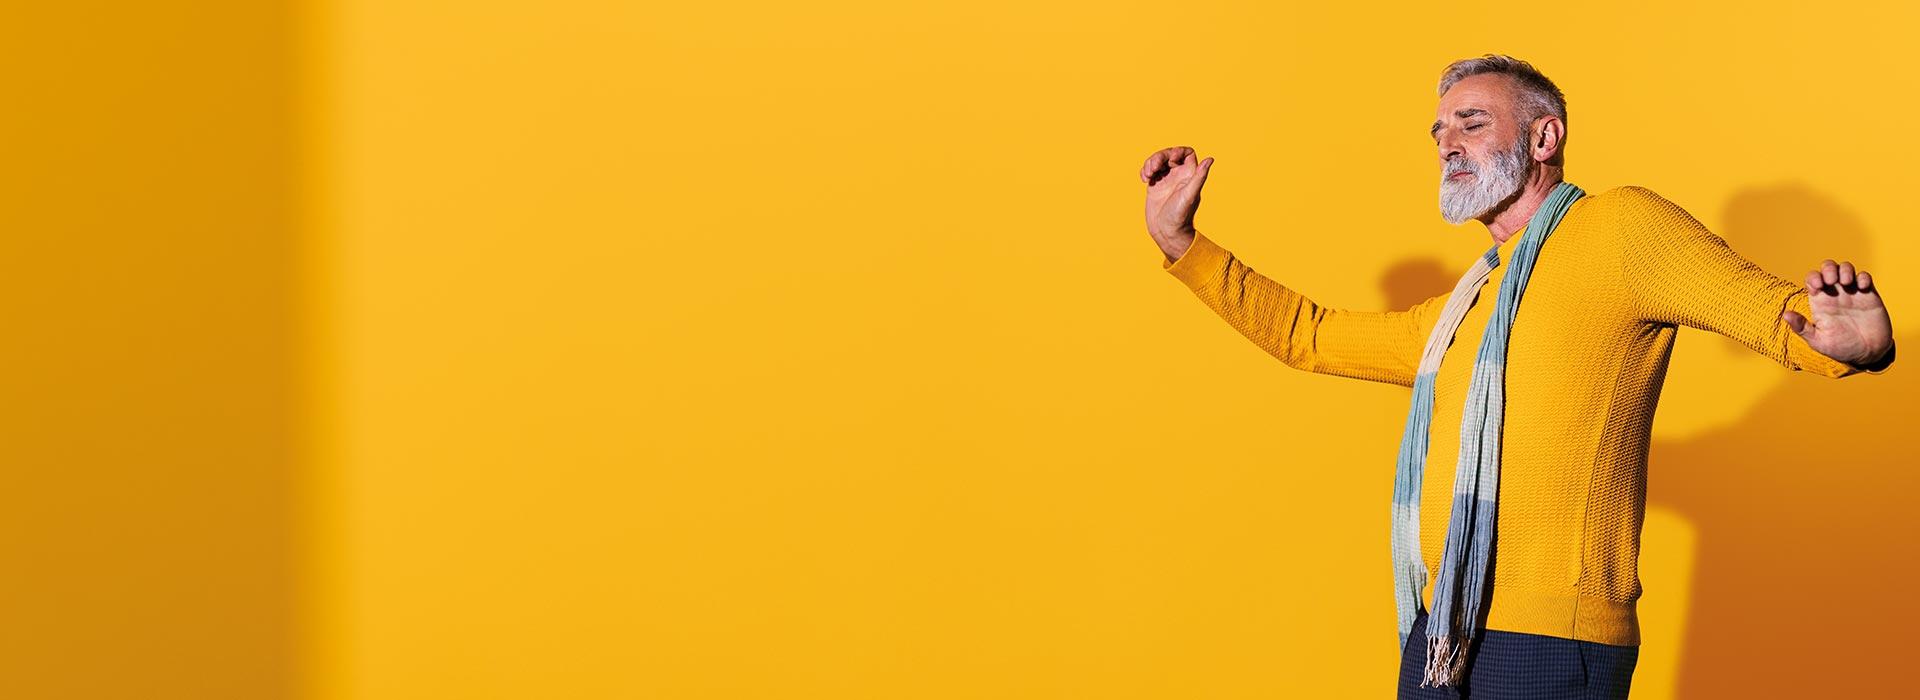 Ein Mann mittleren Alters, der Philips HearLink Hörgeräte trägt, tanzt und fühlt sich selbstbewusst.